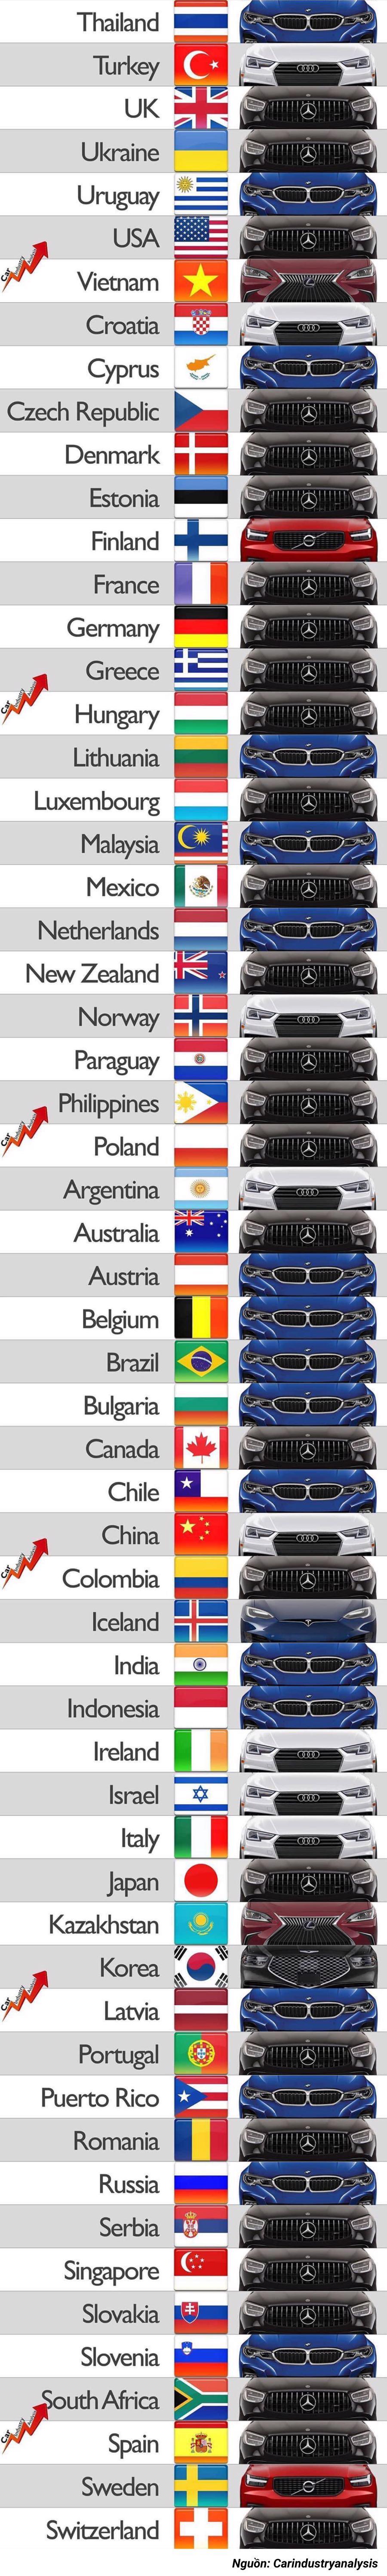 Các quốc gia trên thế giới thích sử dụng thương hiệu xe hạng sang nào? - Ảnh 1.